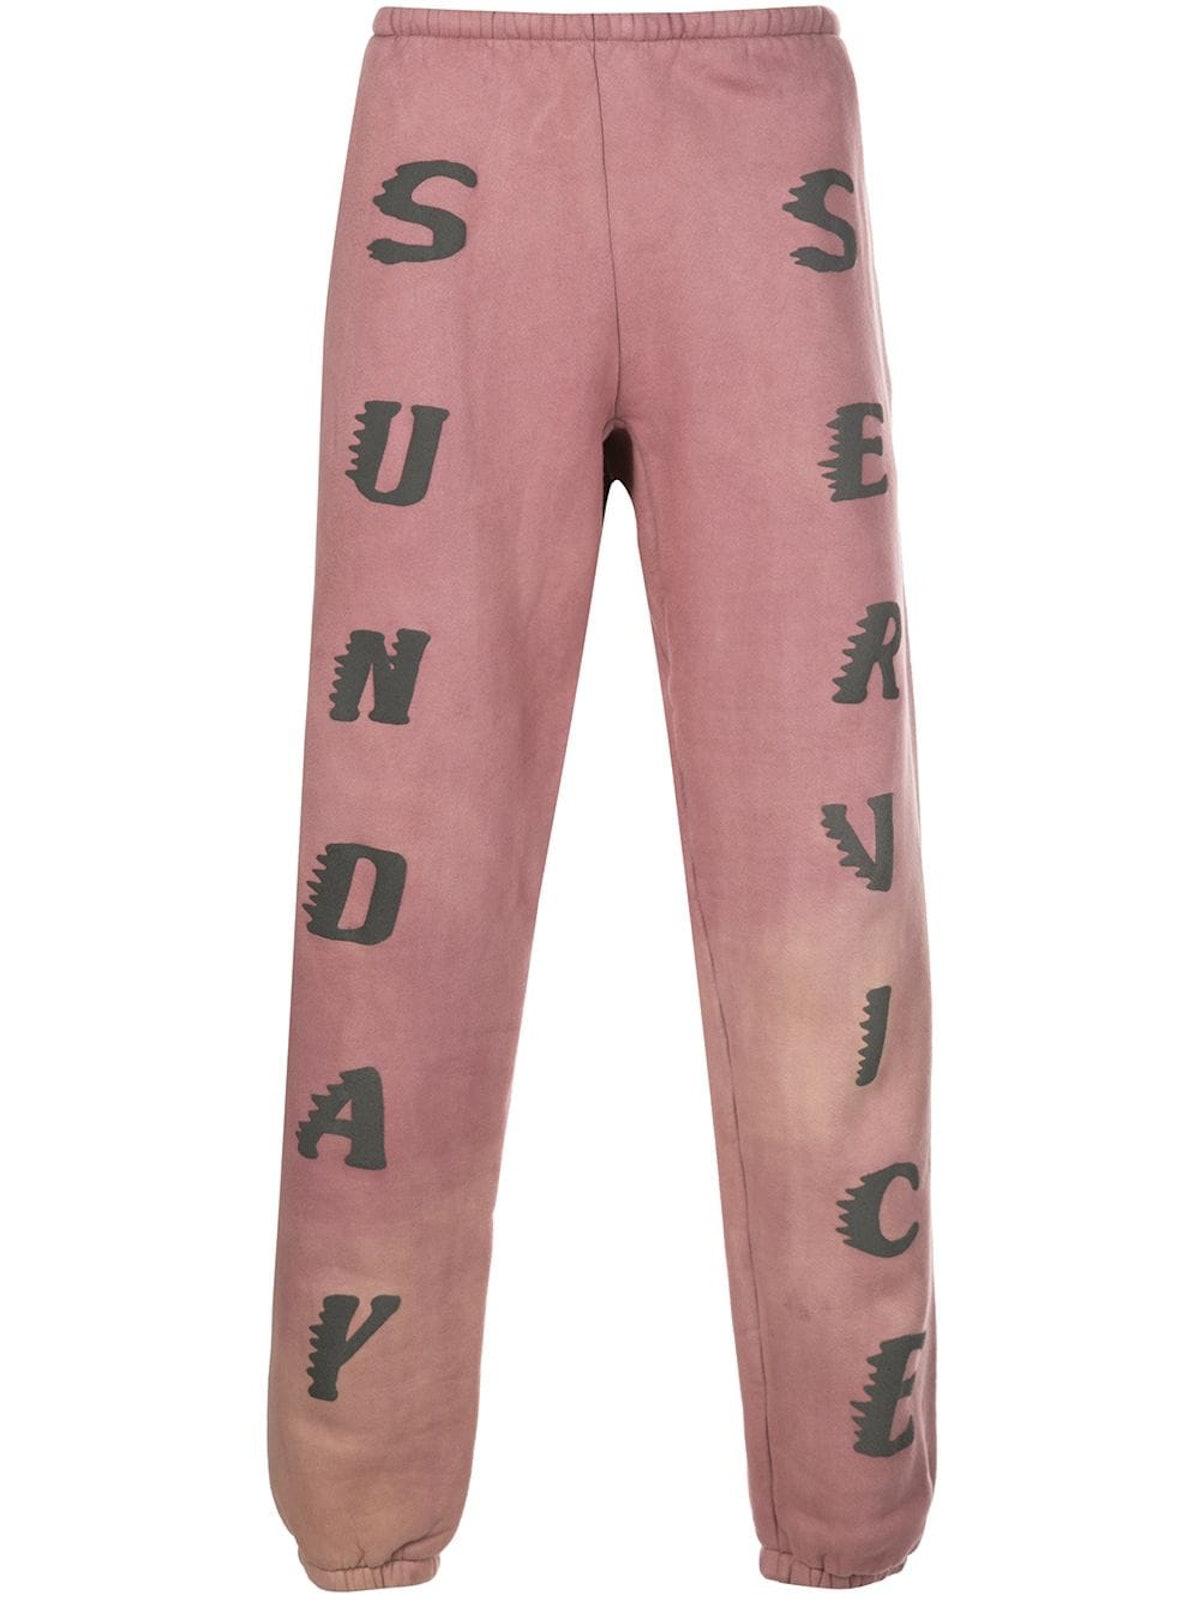 Sunday Service Track Pants